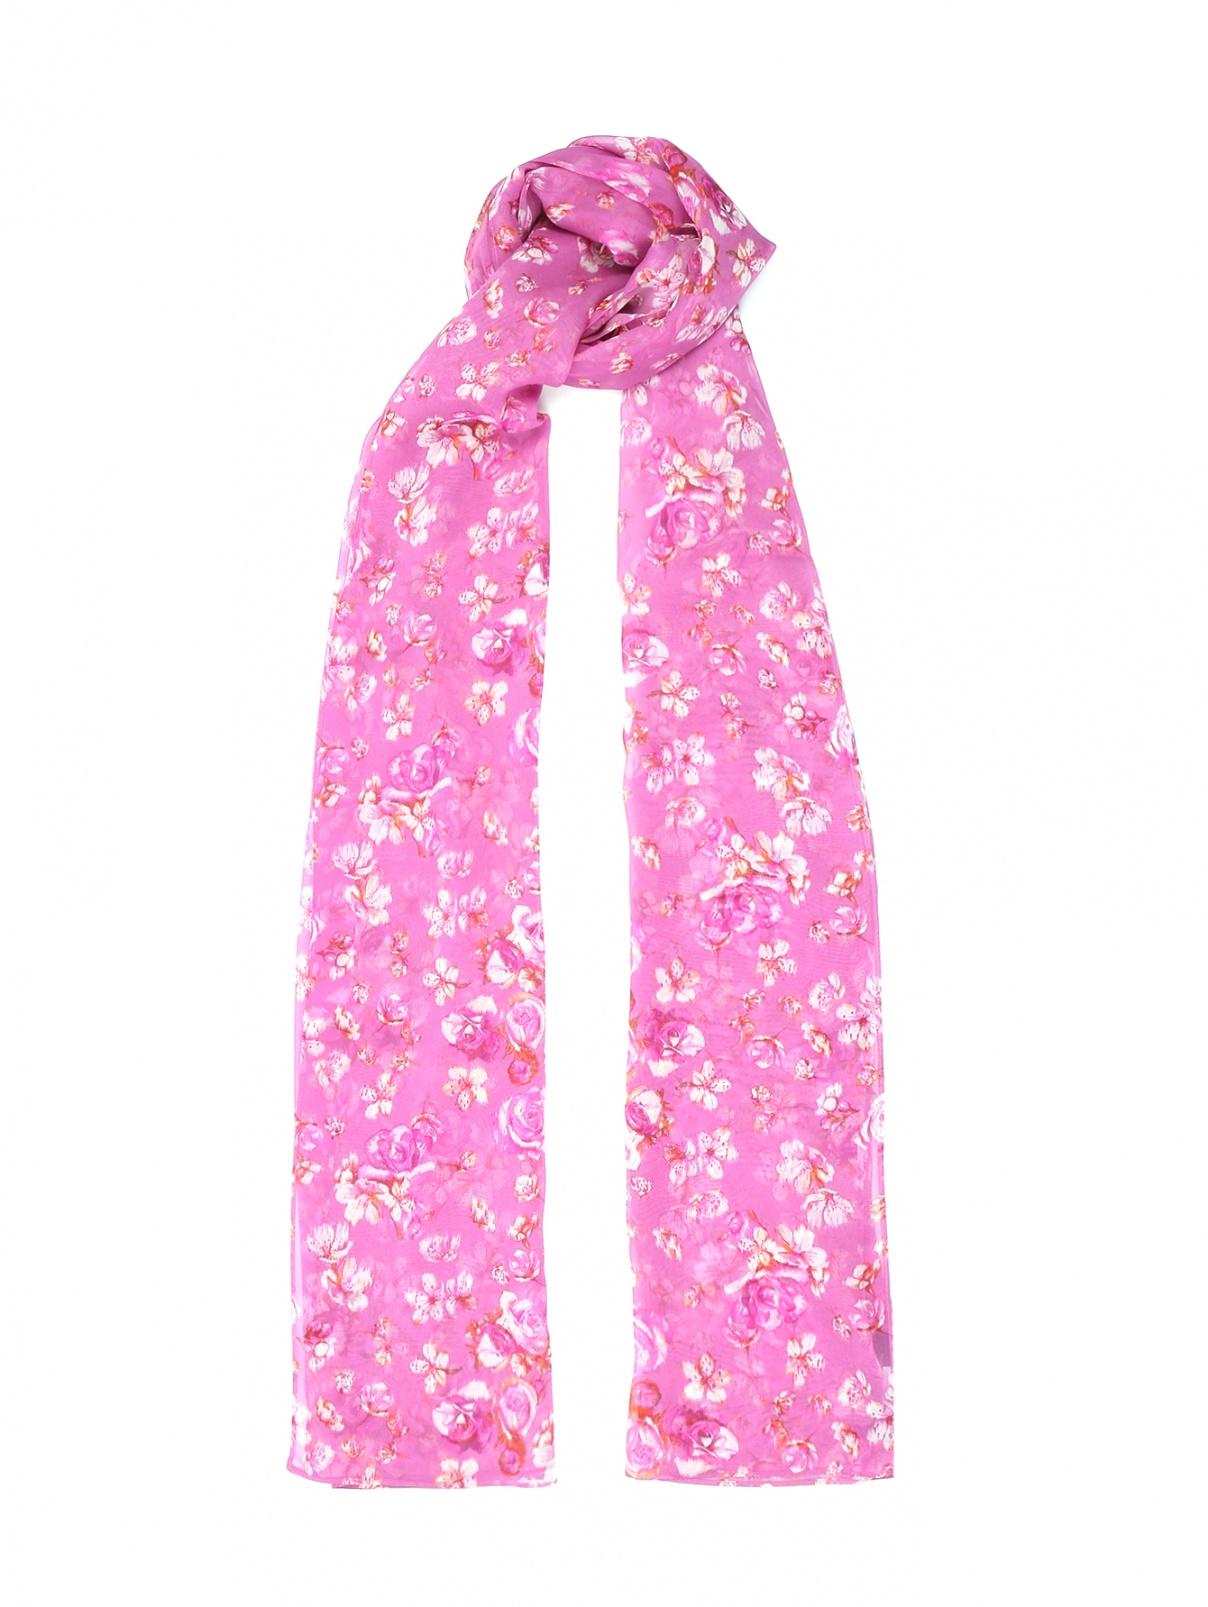 Шарф из шелка с цветочным узором Marina Rinaldi  –  Общий вид  – Цвет:  Фиолетовый